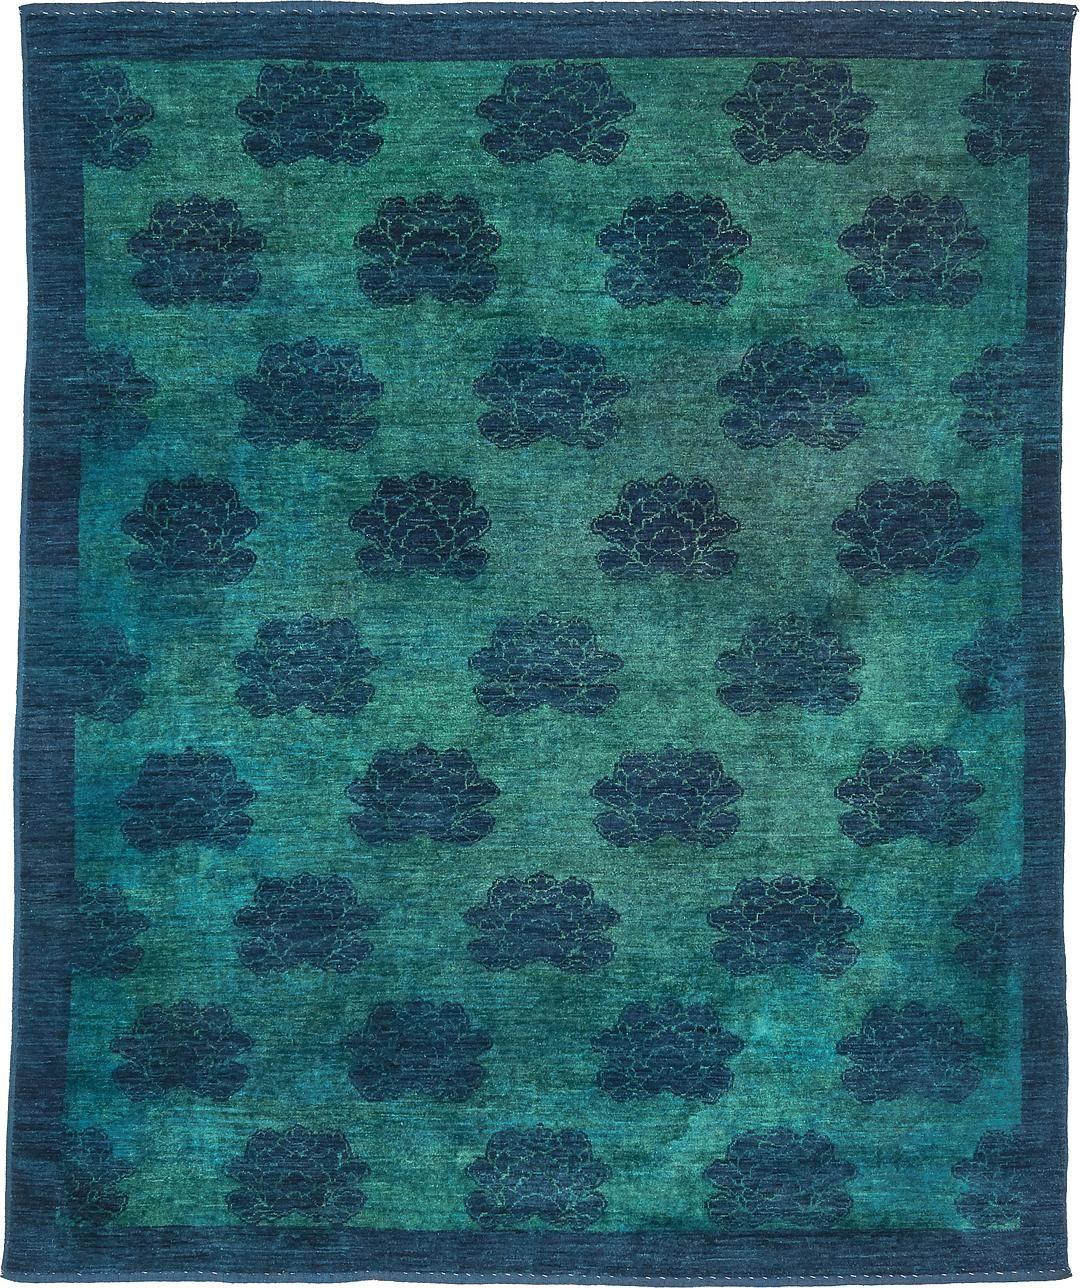 Teal 7' 7 x 9' 4 Darya Rug | Oriental Rugs | eSaleRugs